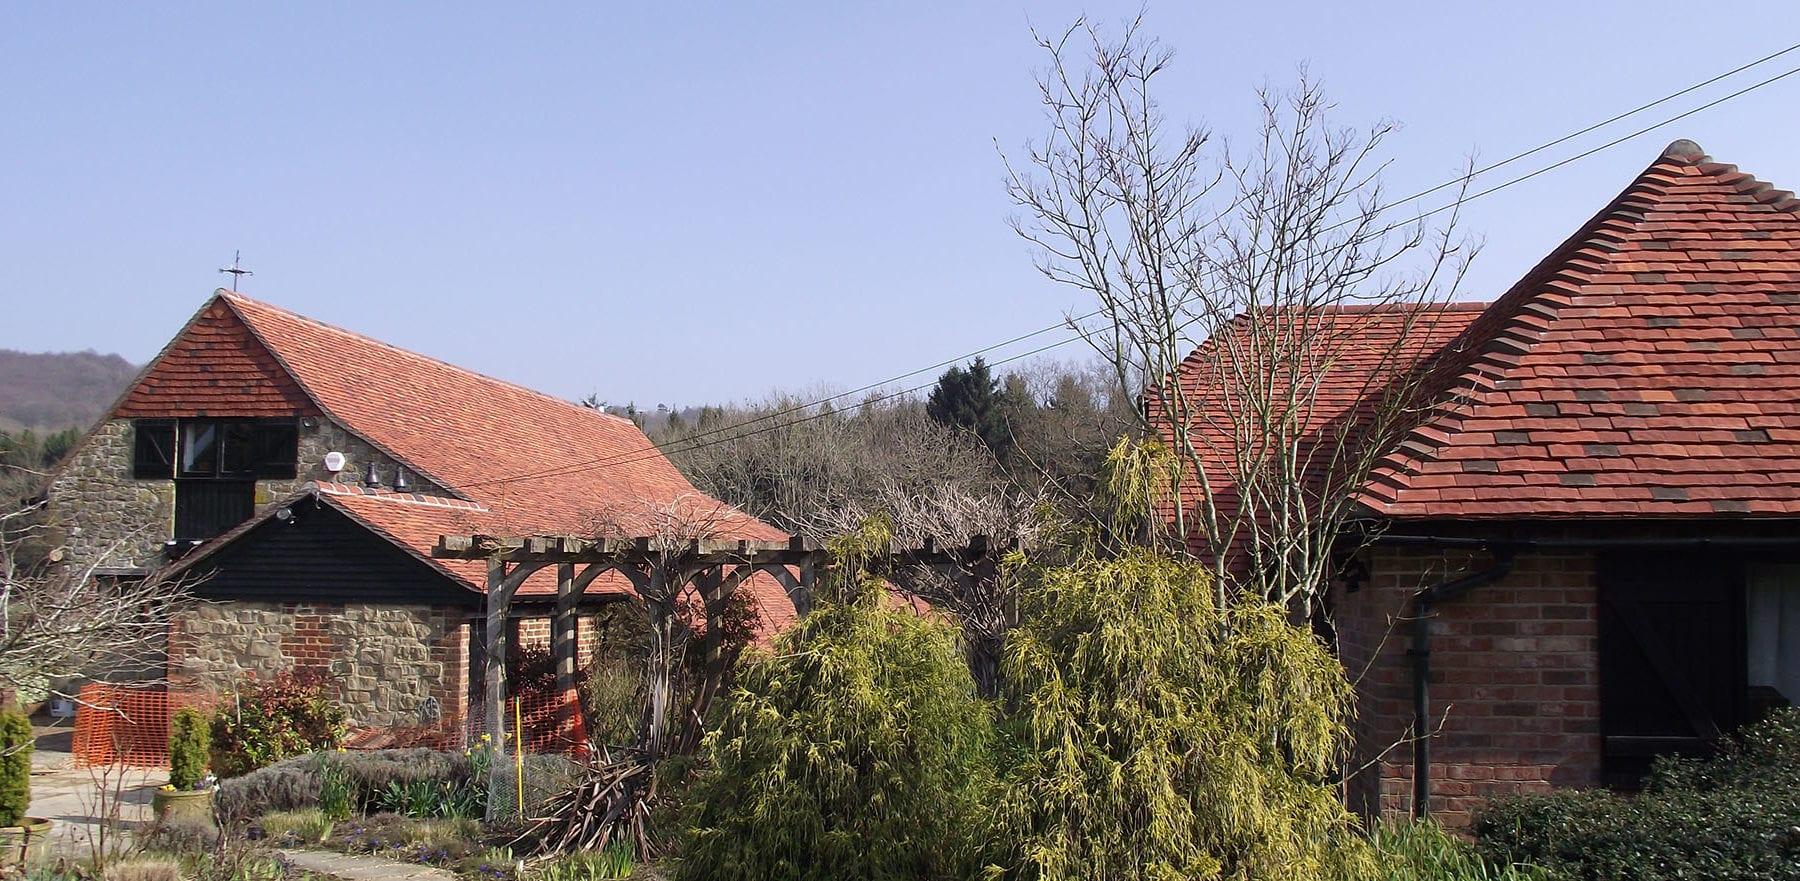 Lifestiles - Handmade Multi Clay Roof Tiles - Fernhurst, England 3